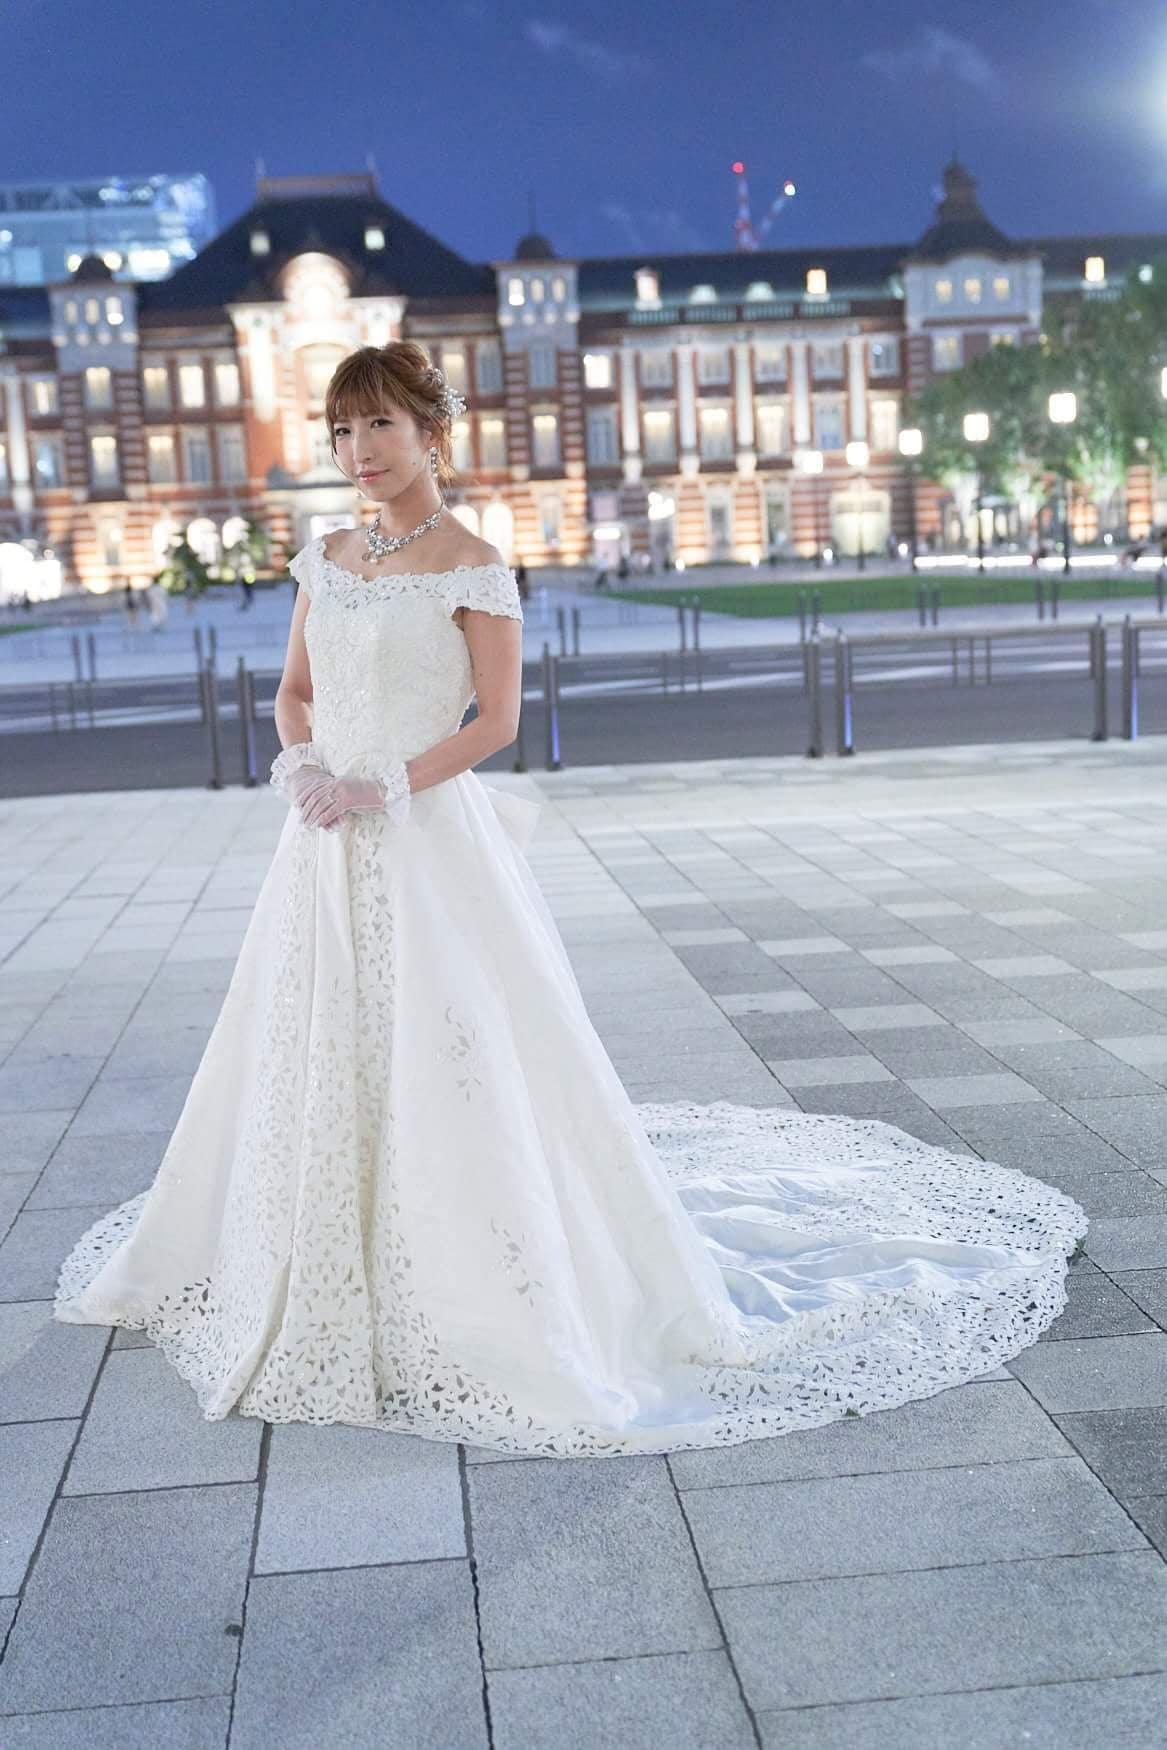 レンタルウエディングドレス(オリエンタル)のイメージその2